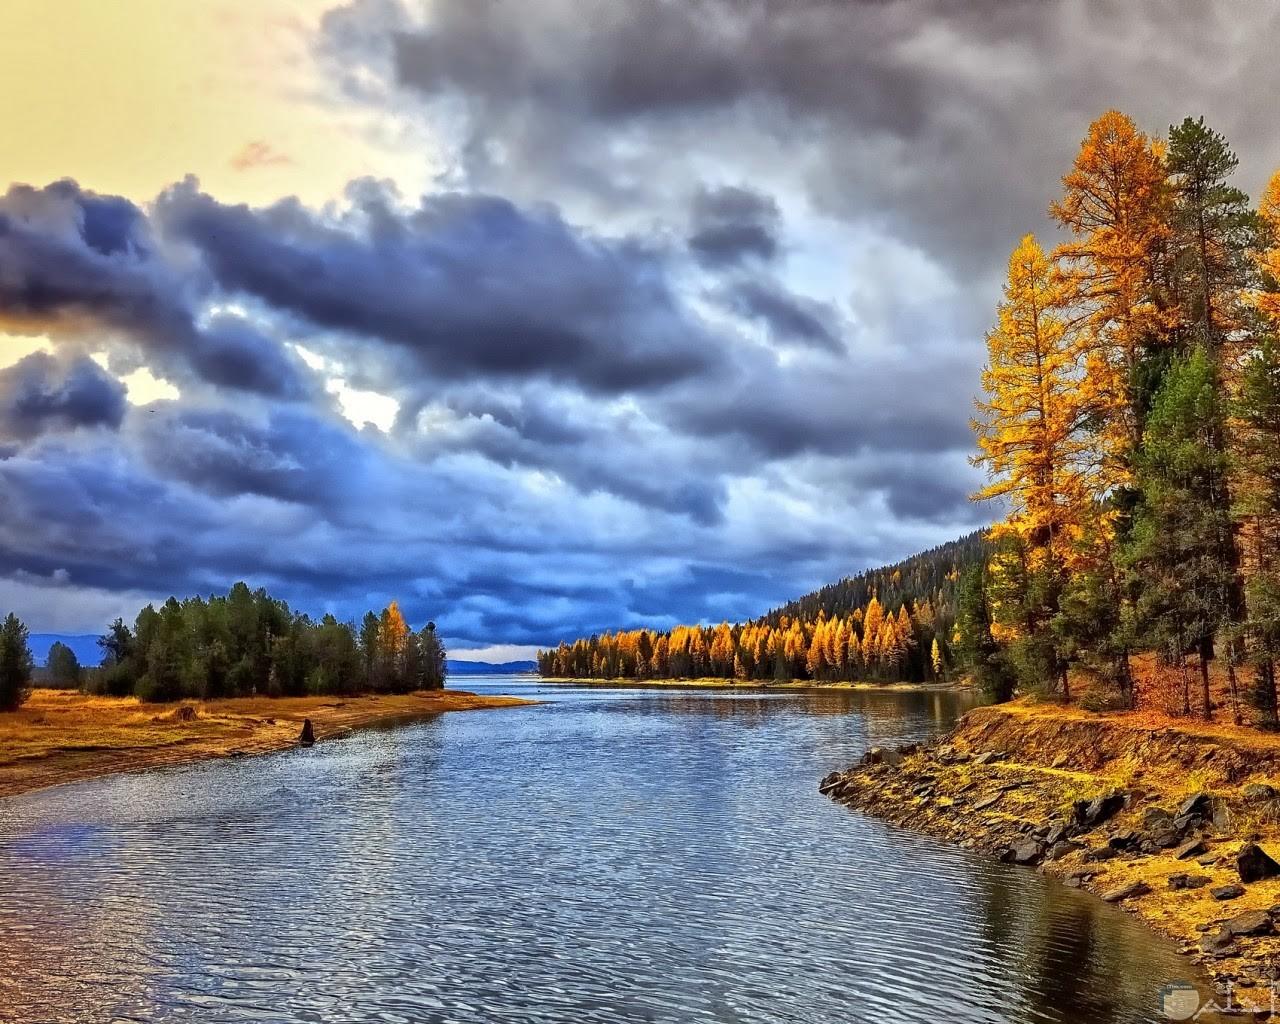 المجاري المائية مع الجبال و الغيوم.